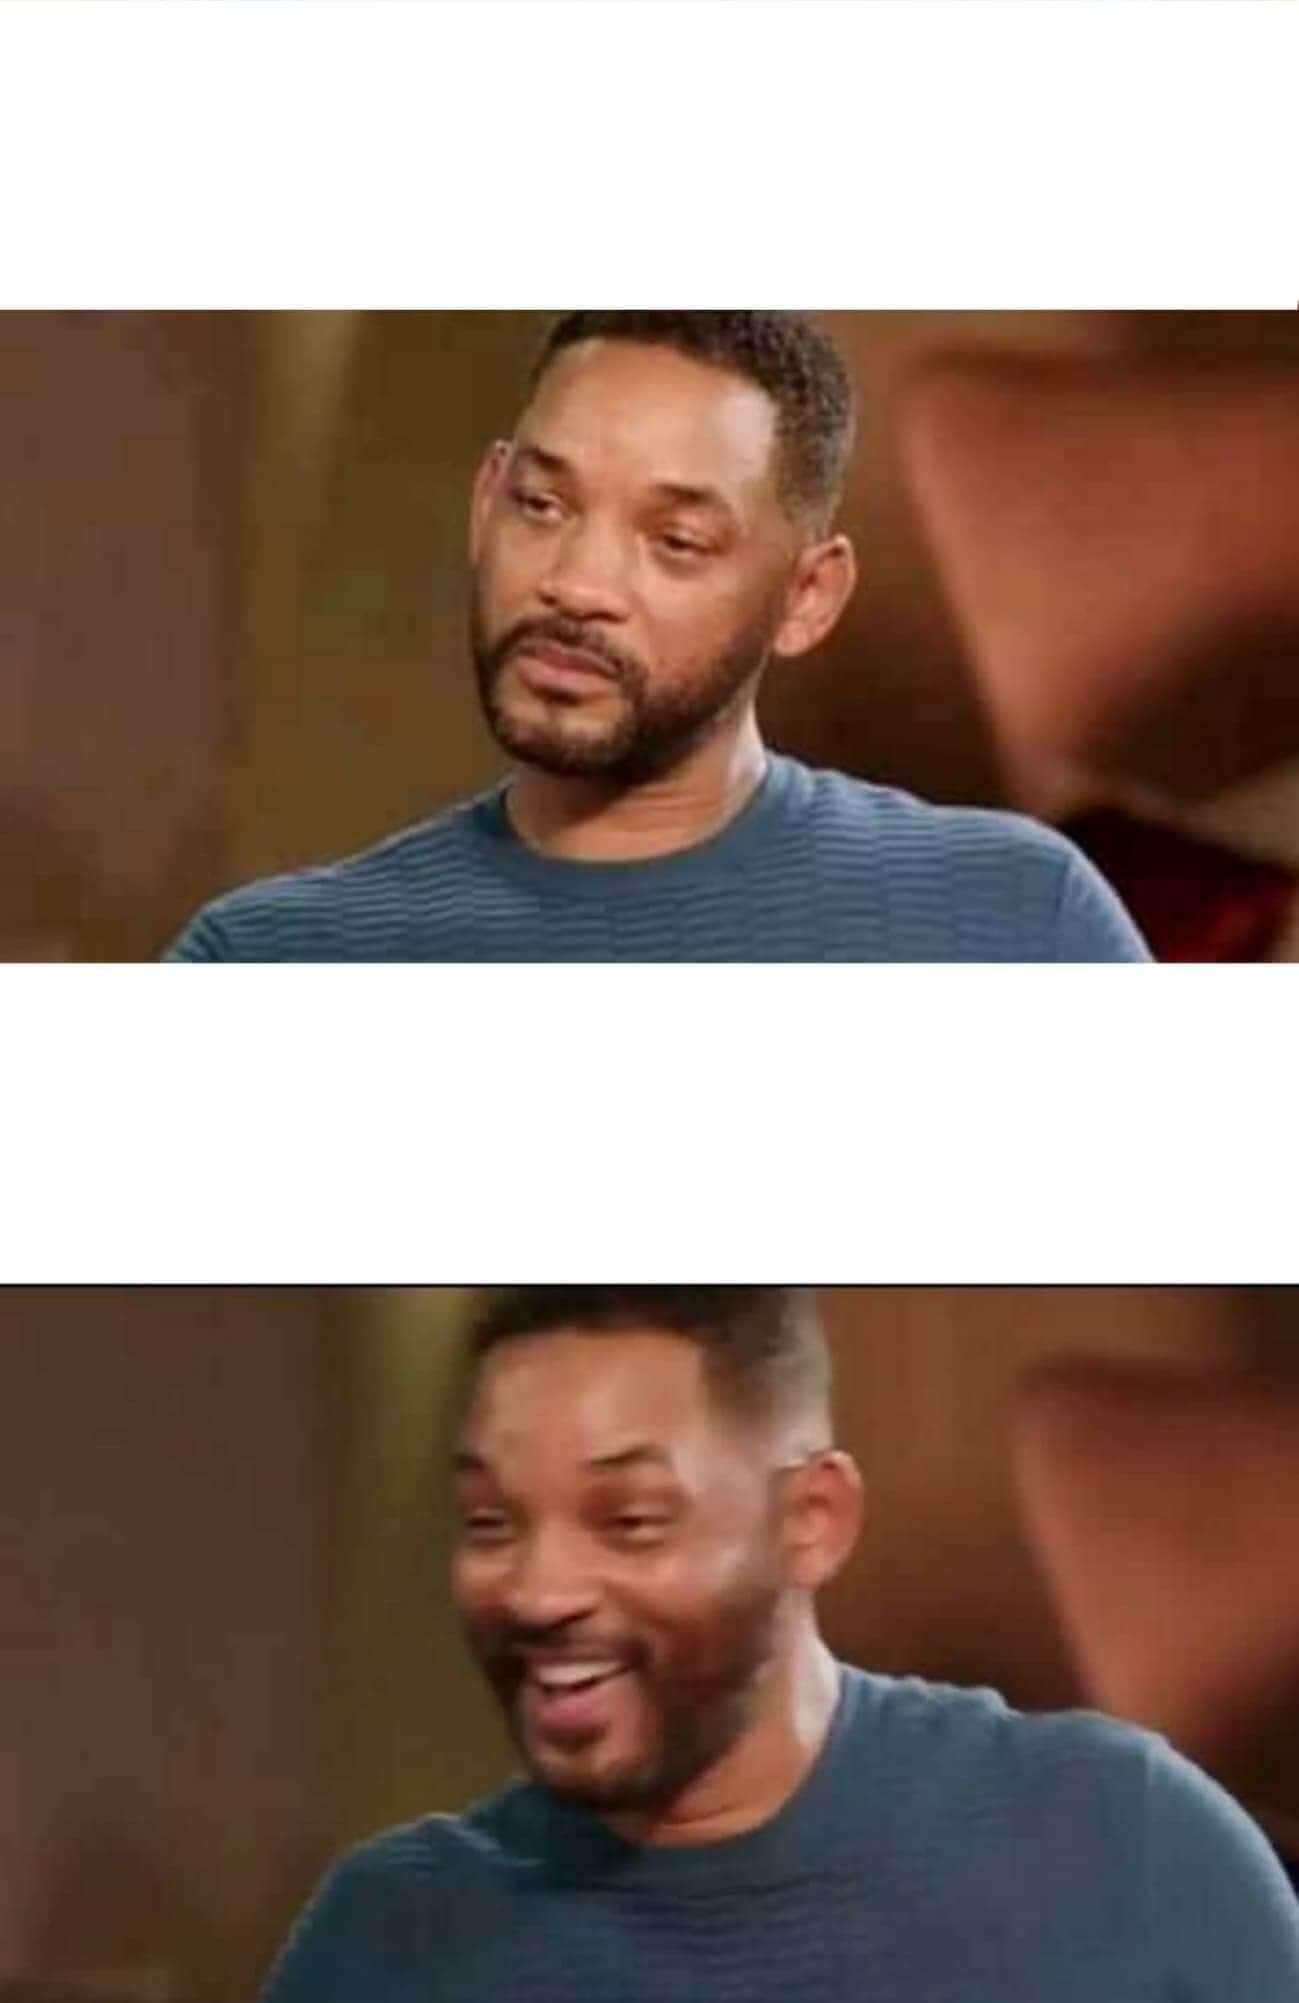 Ir a la pagina de la plantilla Will Smith triste y luego feliz.